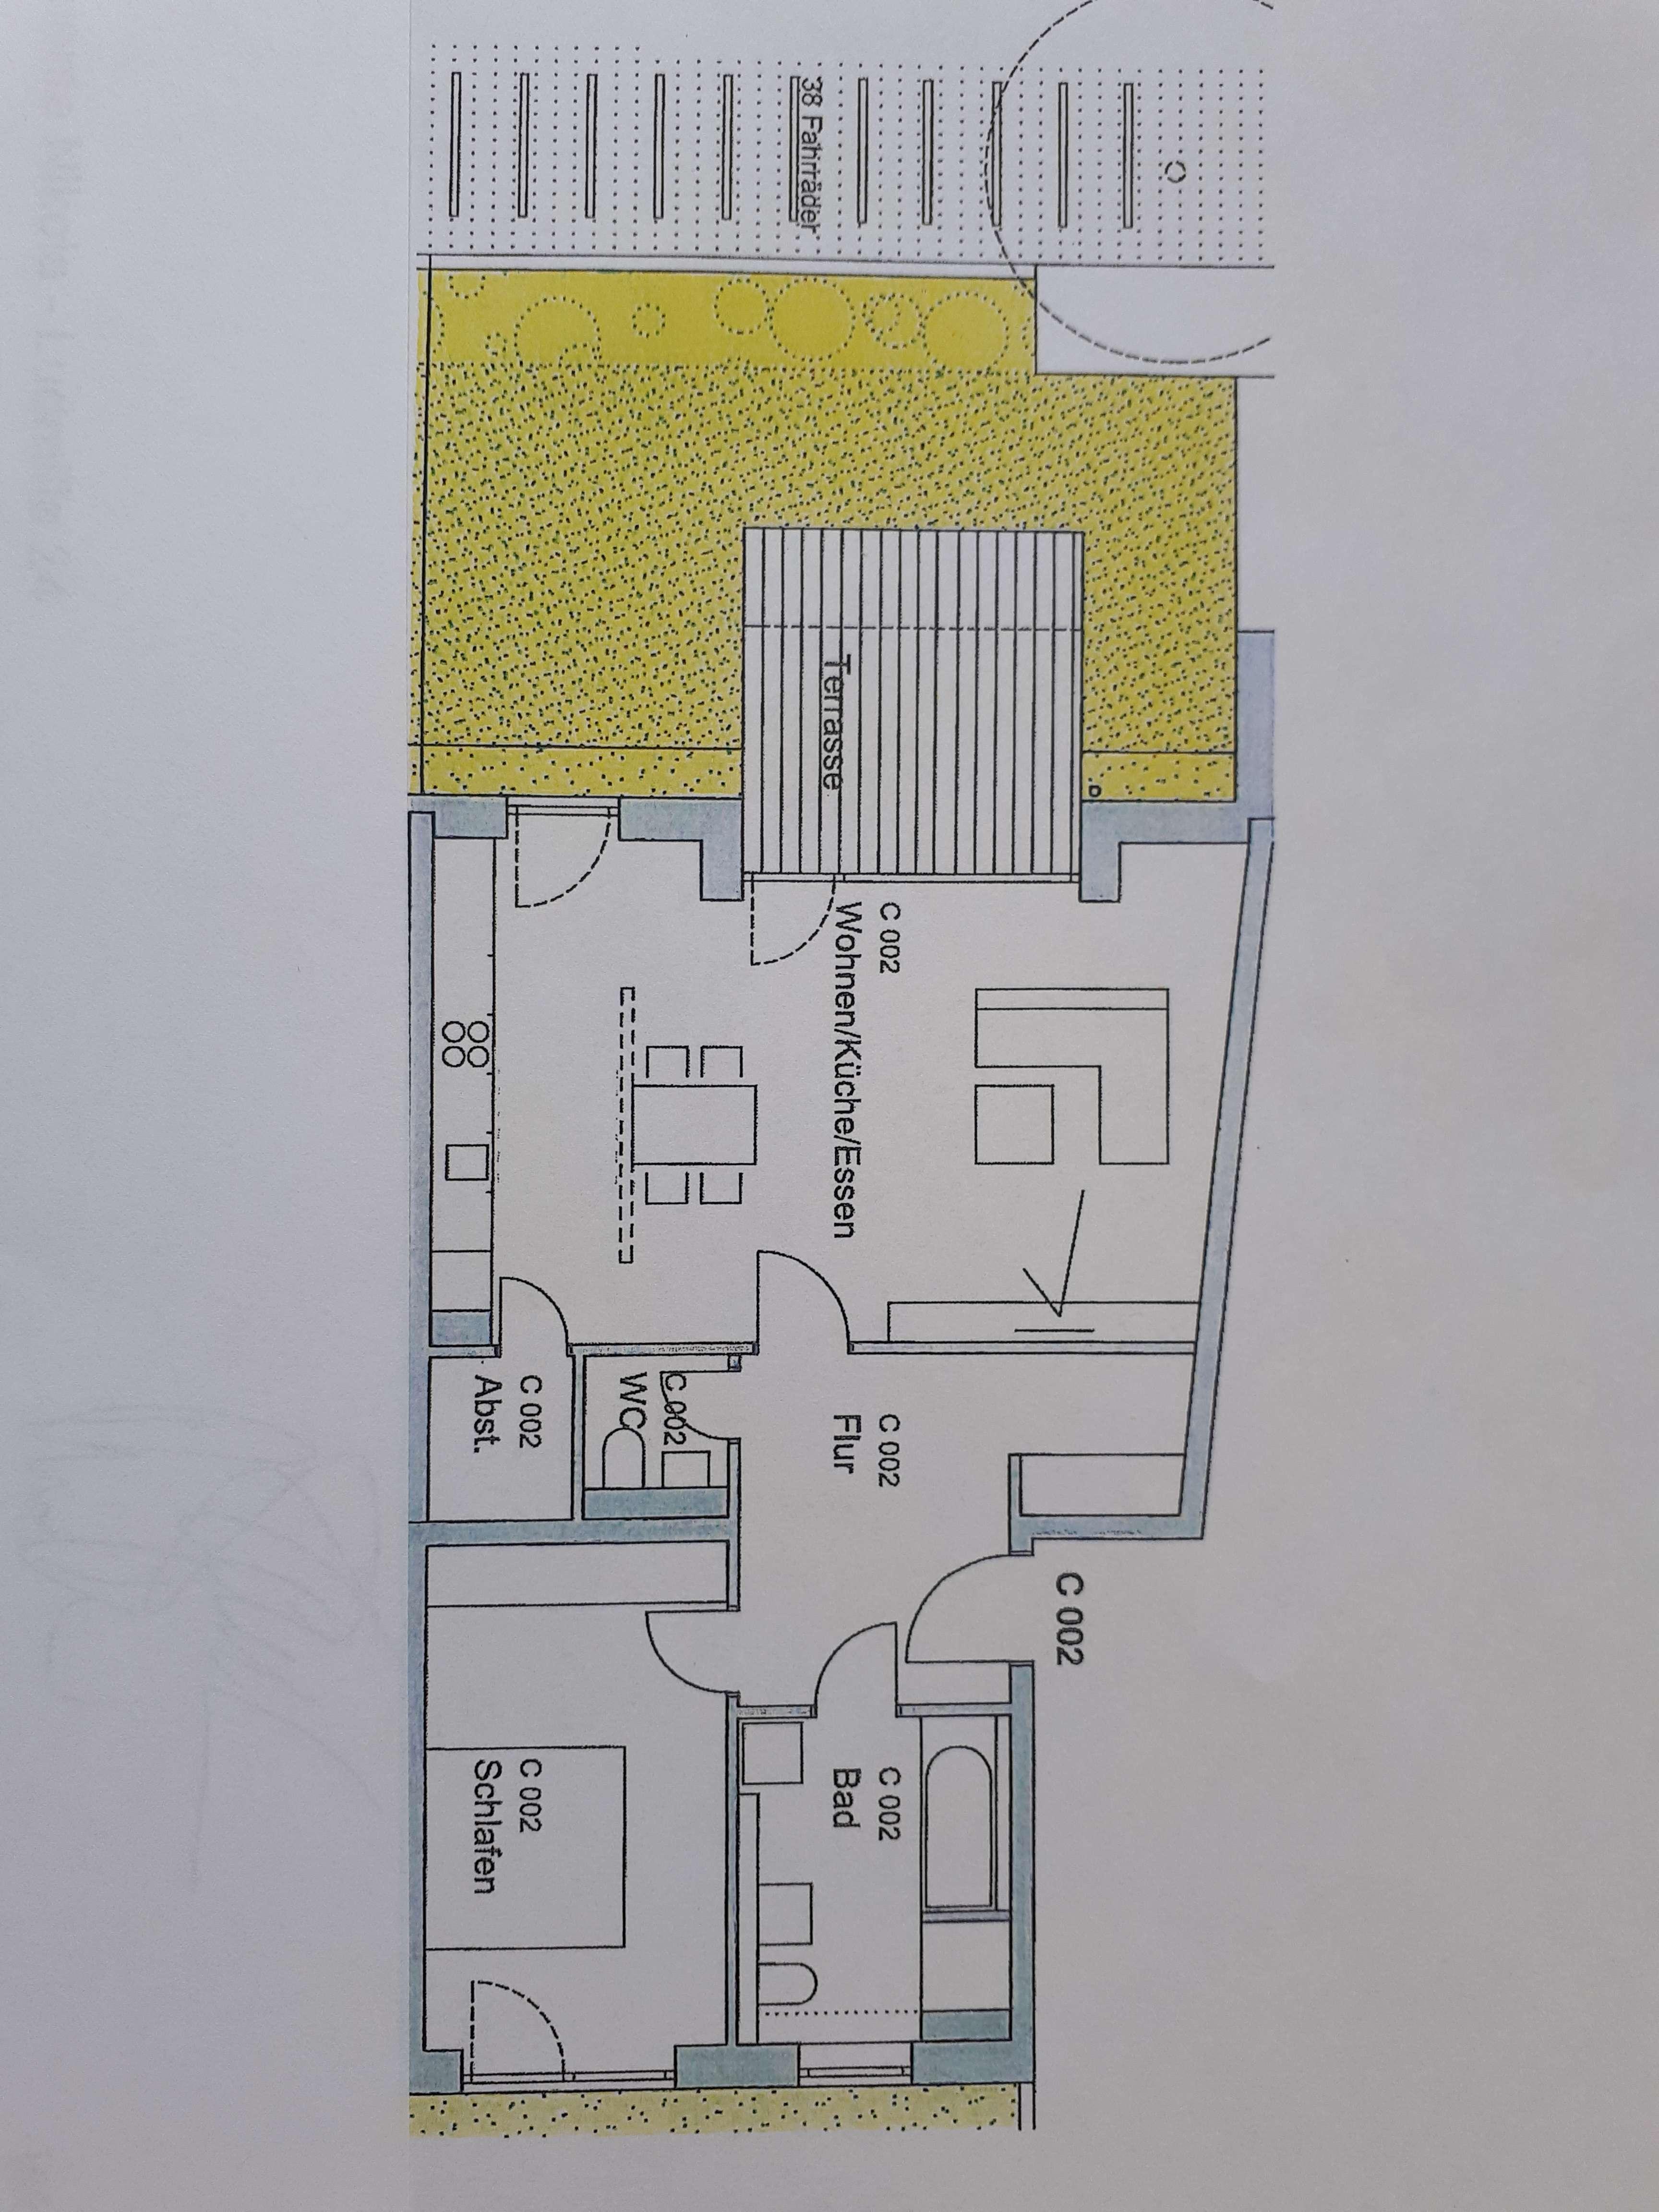 Großzügige 2-Zi-Whg-mit Terrasse und Grünfläche-   Neubau Wohnambiente Nikola in Nikola